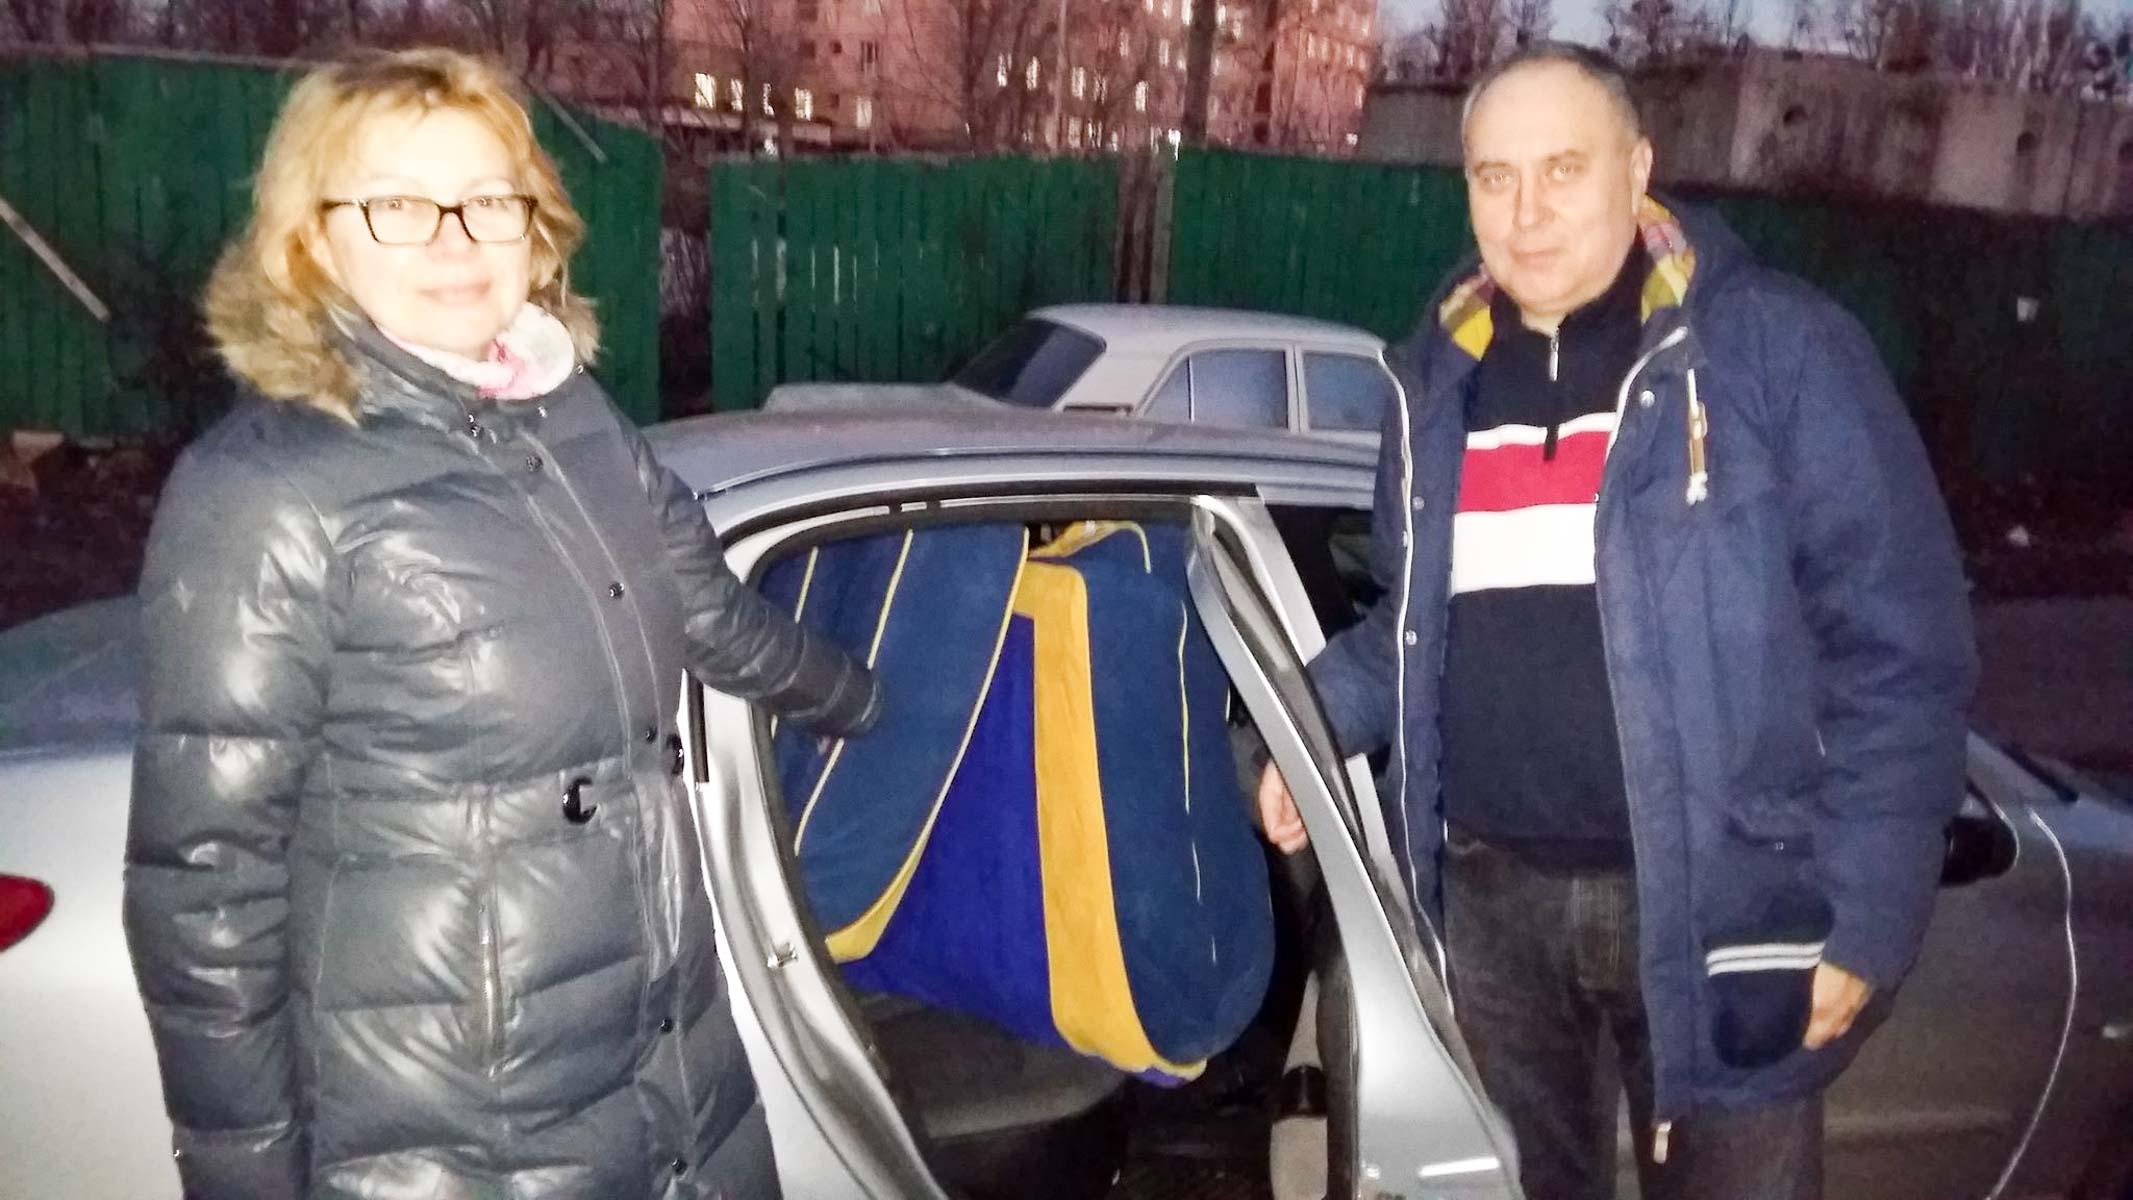 Państwo Martynienków z Kijowa zaofiarowali ogromny dwuosobowy materac o kolorach patriotycznych